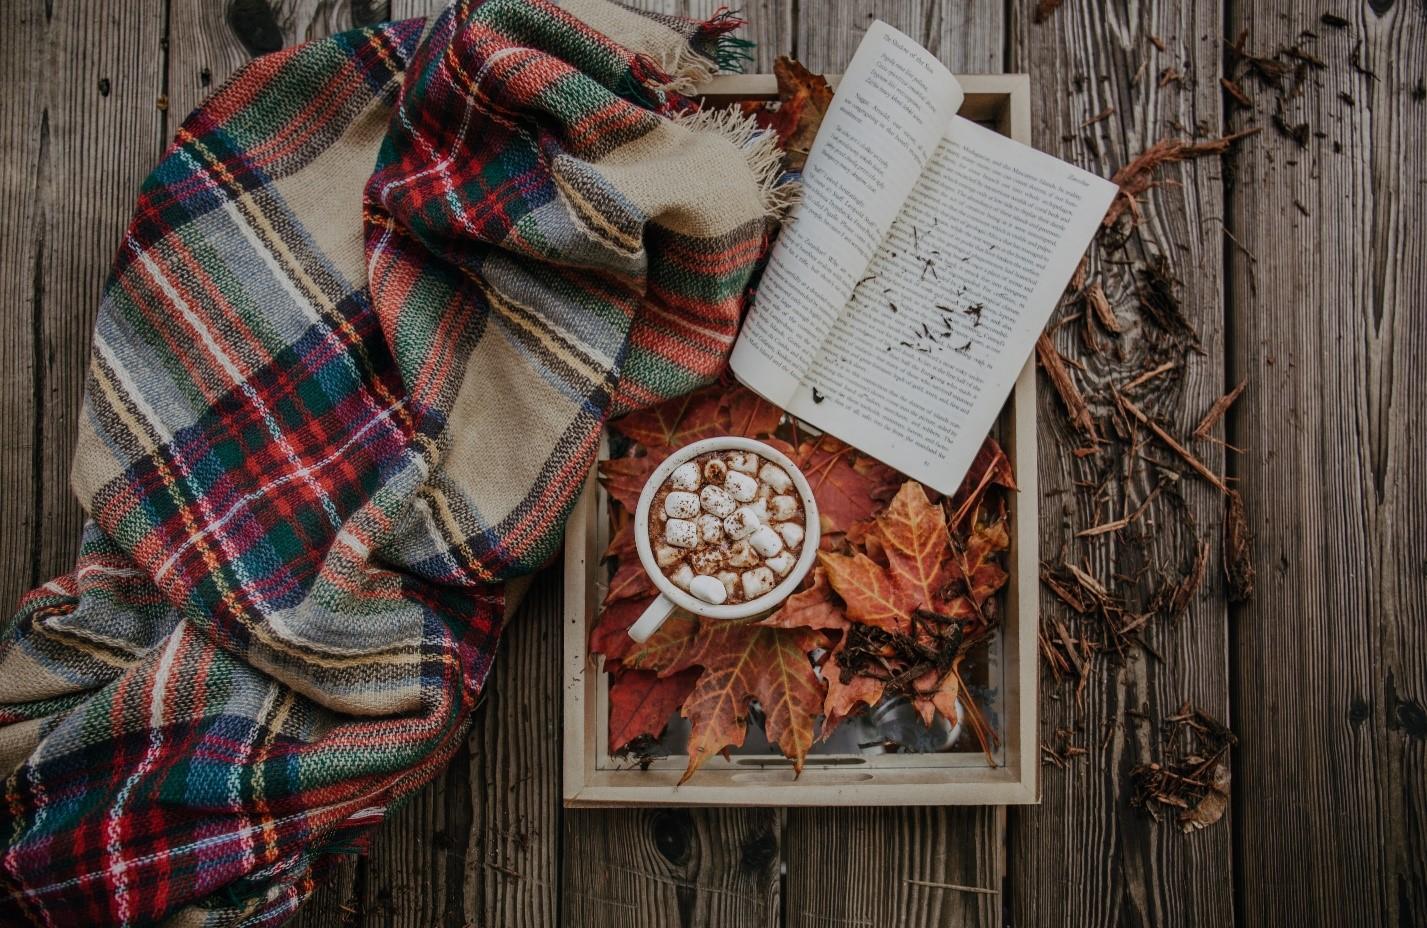 با انتخاب مناسب شال و روسری، مثل پاییز زیبا و رنگی باشید!